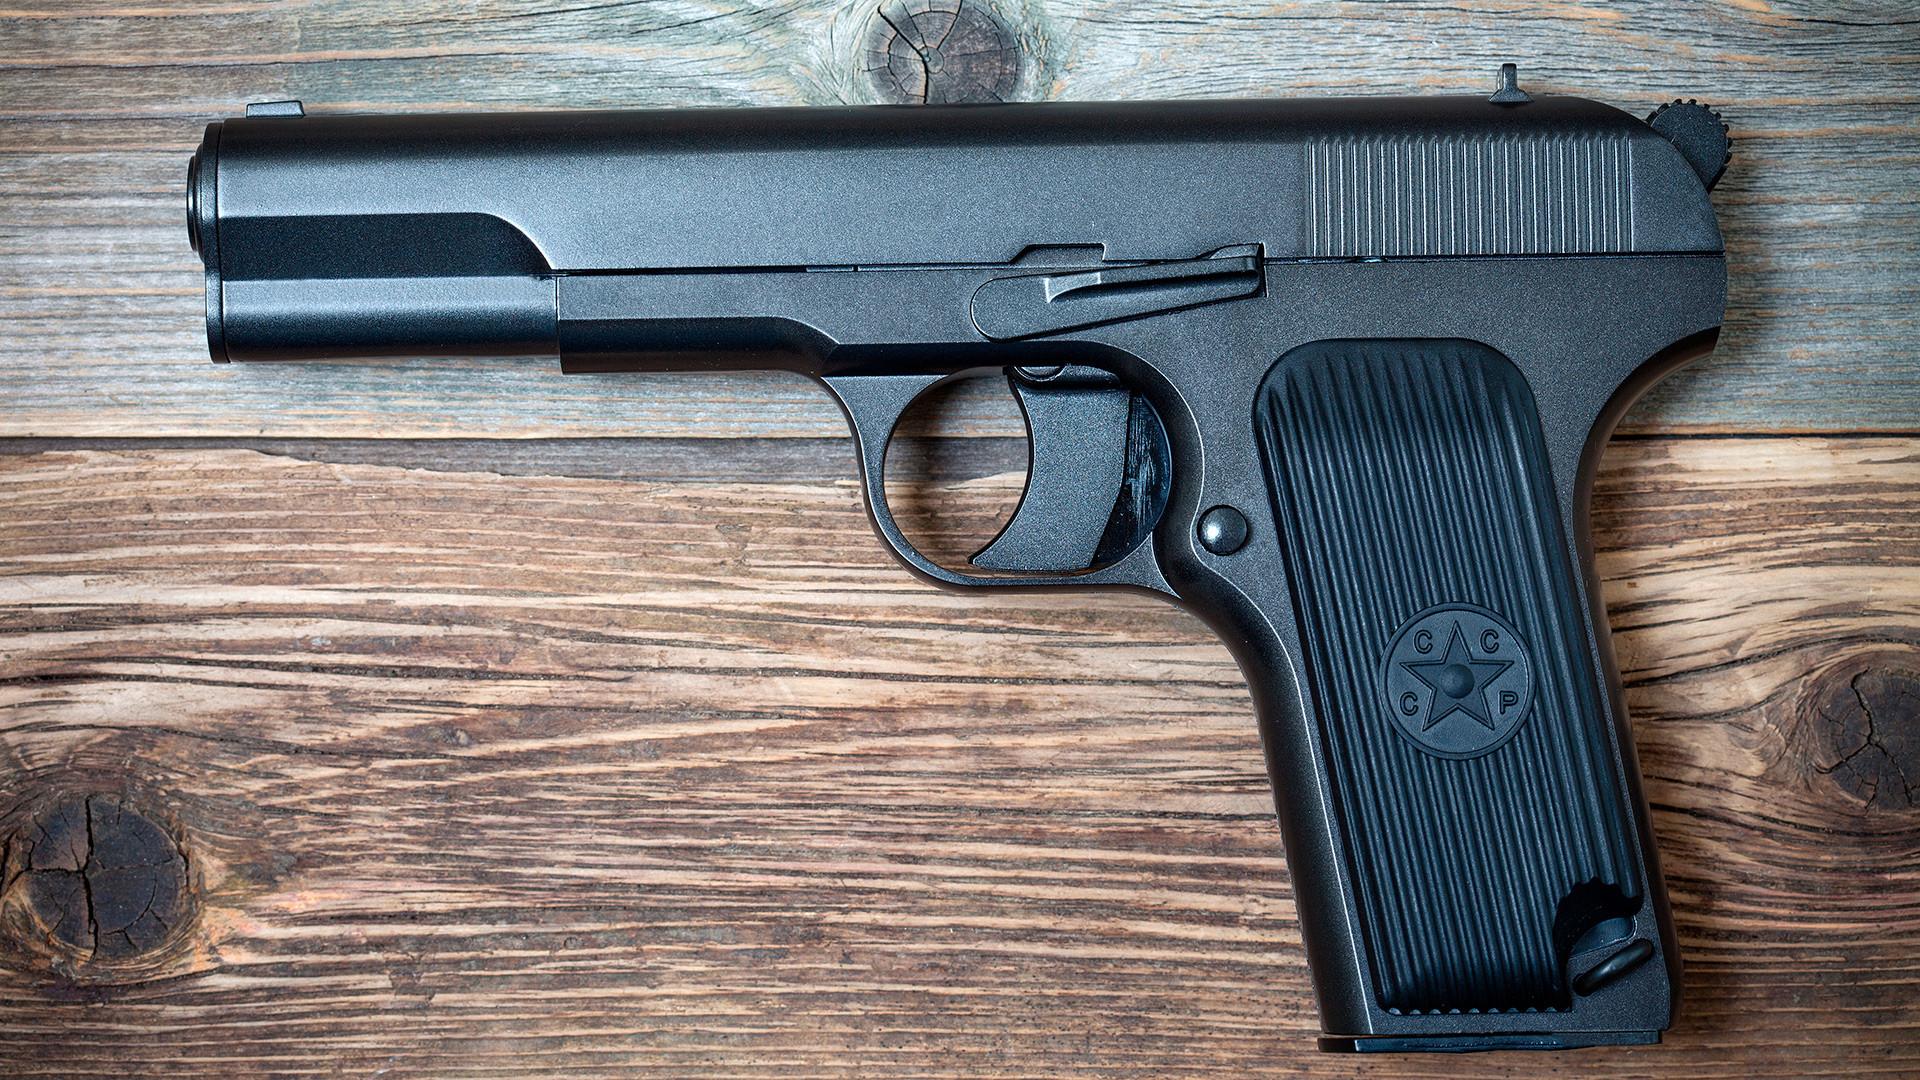 La pistola TT-30 contaba con los potentes cartuchos de 7,62 x 25 que salían de la pistola a 420 m/s.